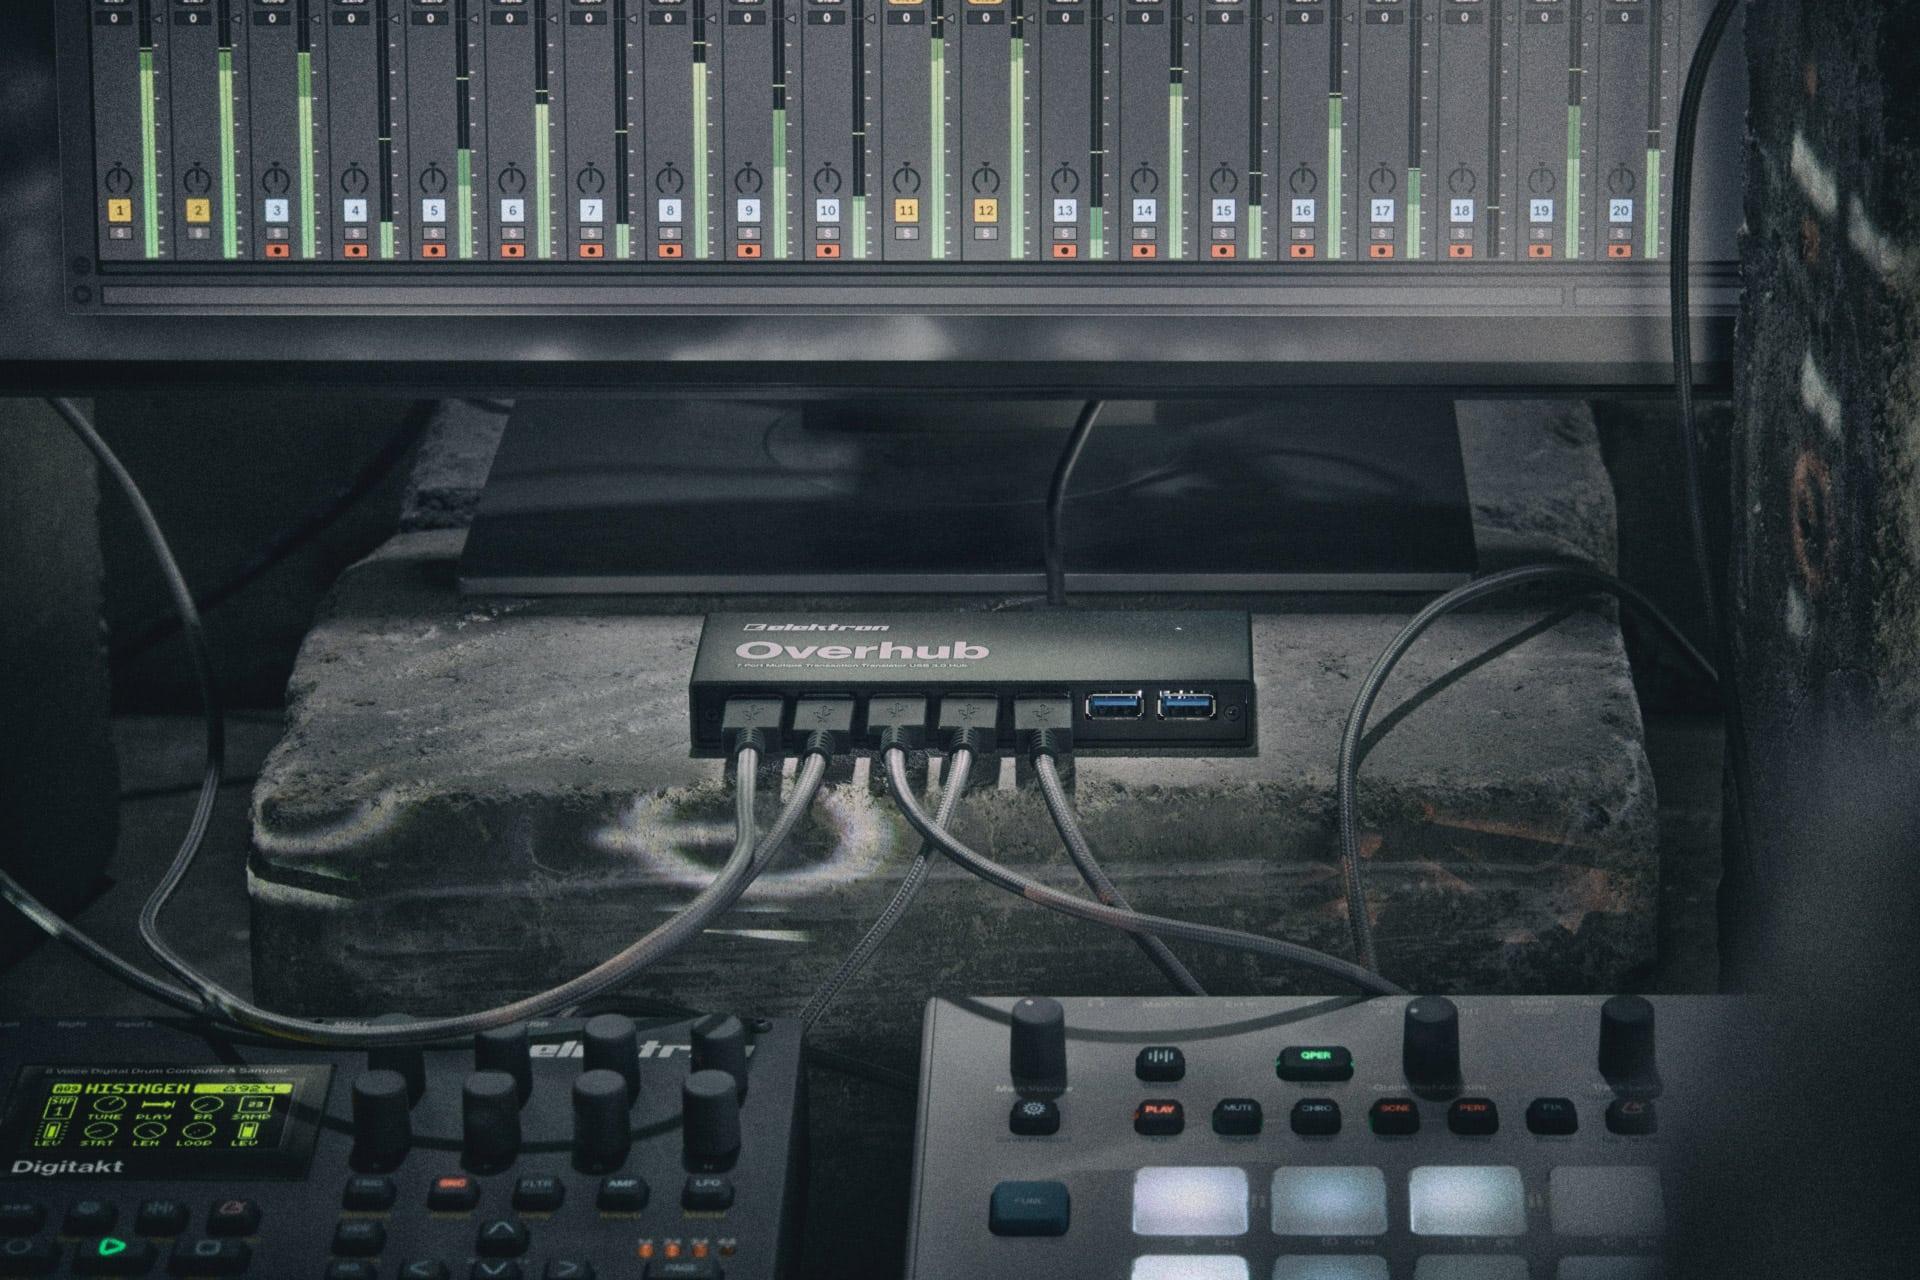 Üst köprü Elektron donanımı ile müzik yazılımı arasındaki boşluğu doldurur.